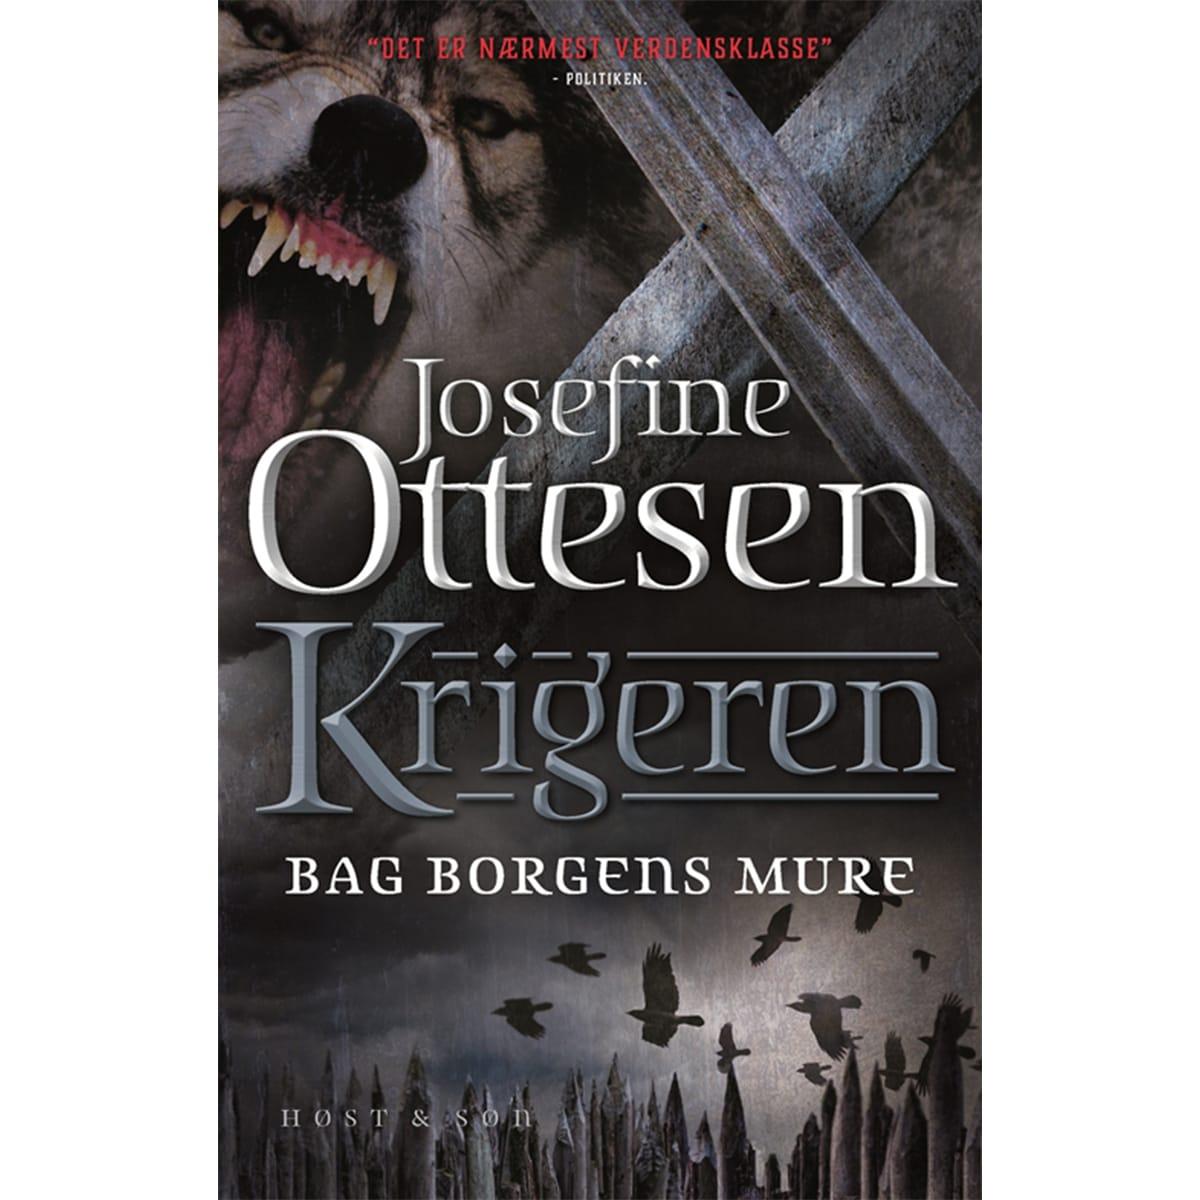 Af Josefine Ottesen